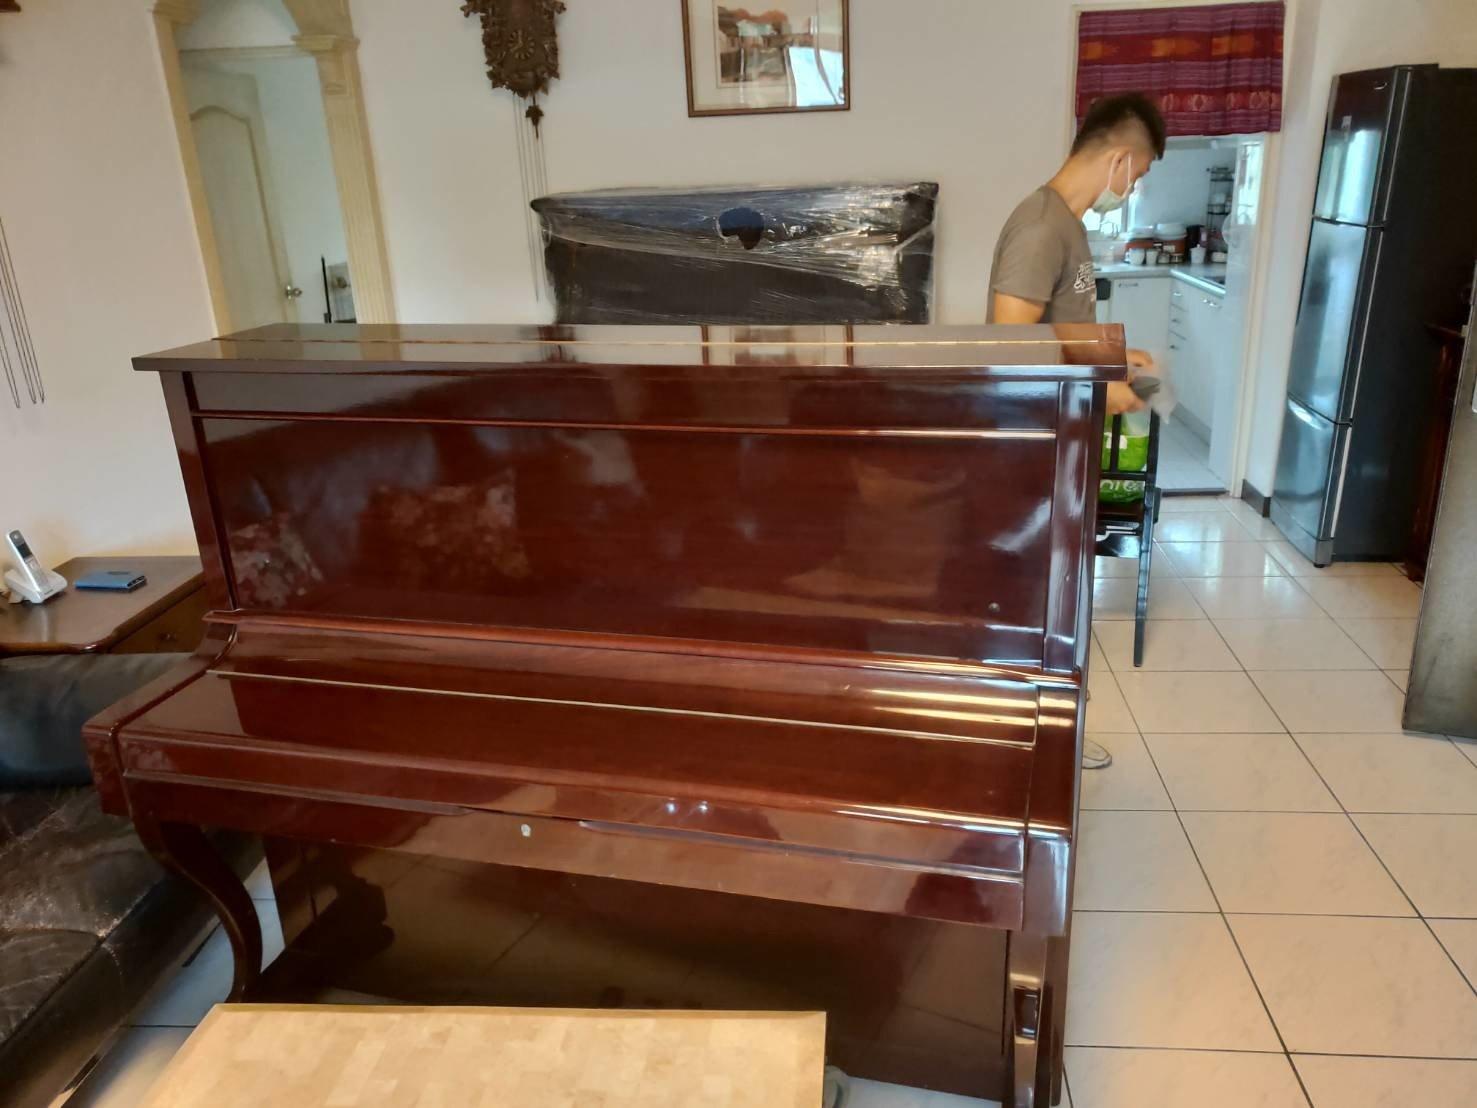 顧客家的舊鋼琴汰舊換新,新的鋼琴由鋼琴搬運達人-【榮福搬家】搬運至新家而舊的鋼琴也請榮福搬家代為處理